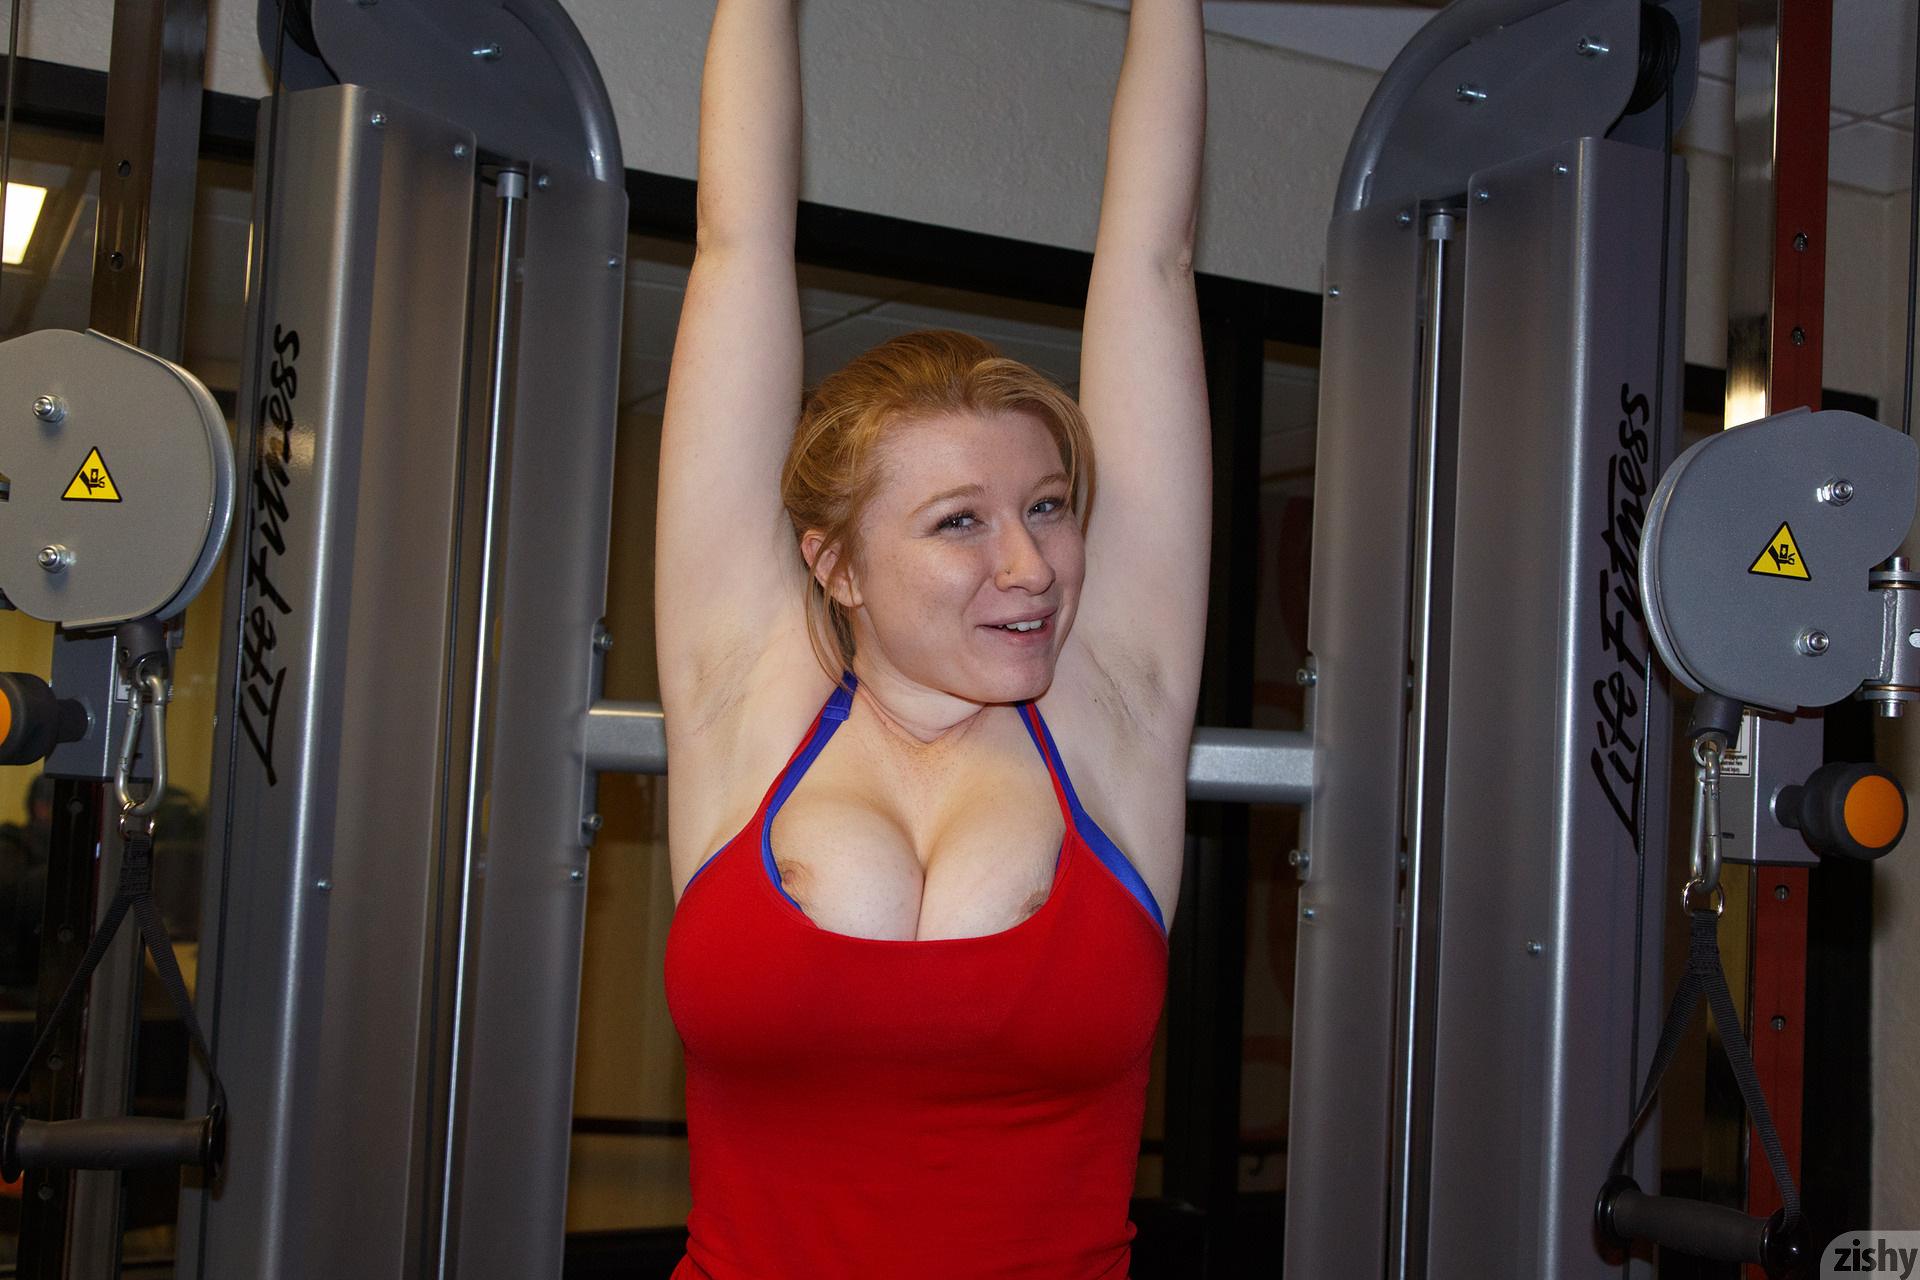 Irelynn Dunham Bedroom Cardio Zishy (22)